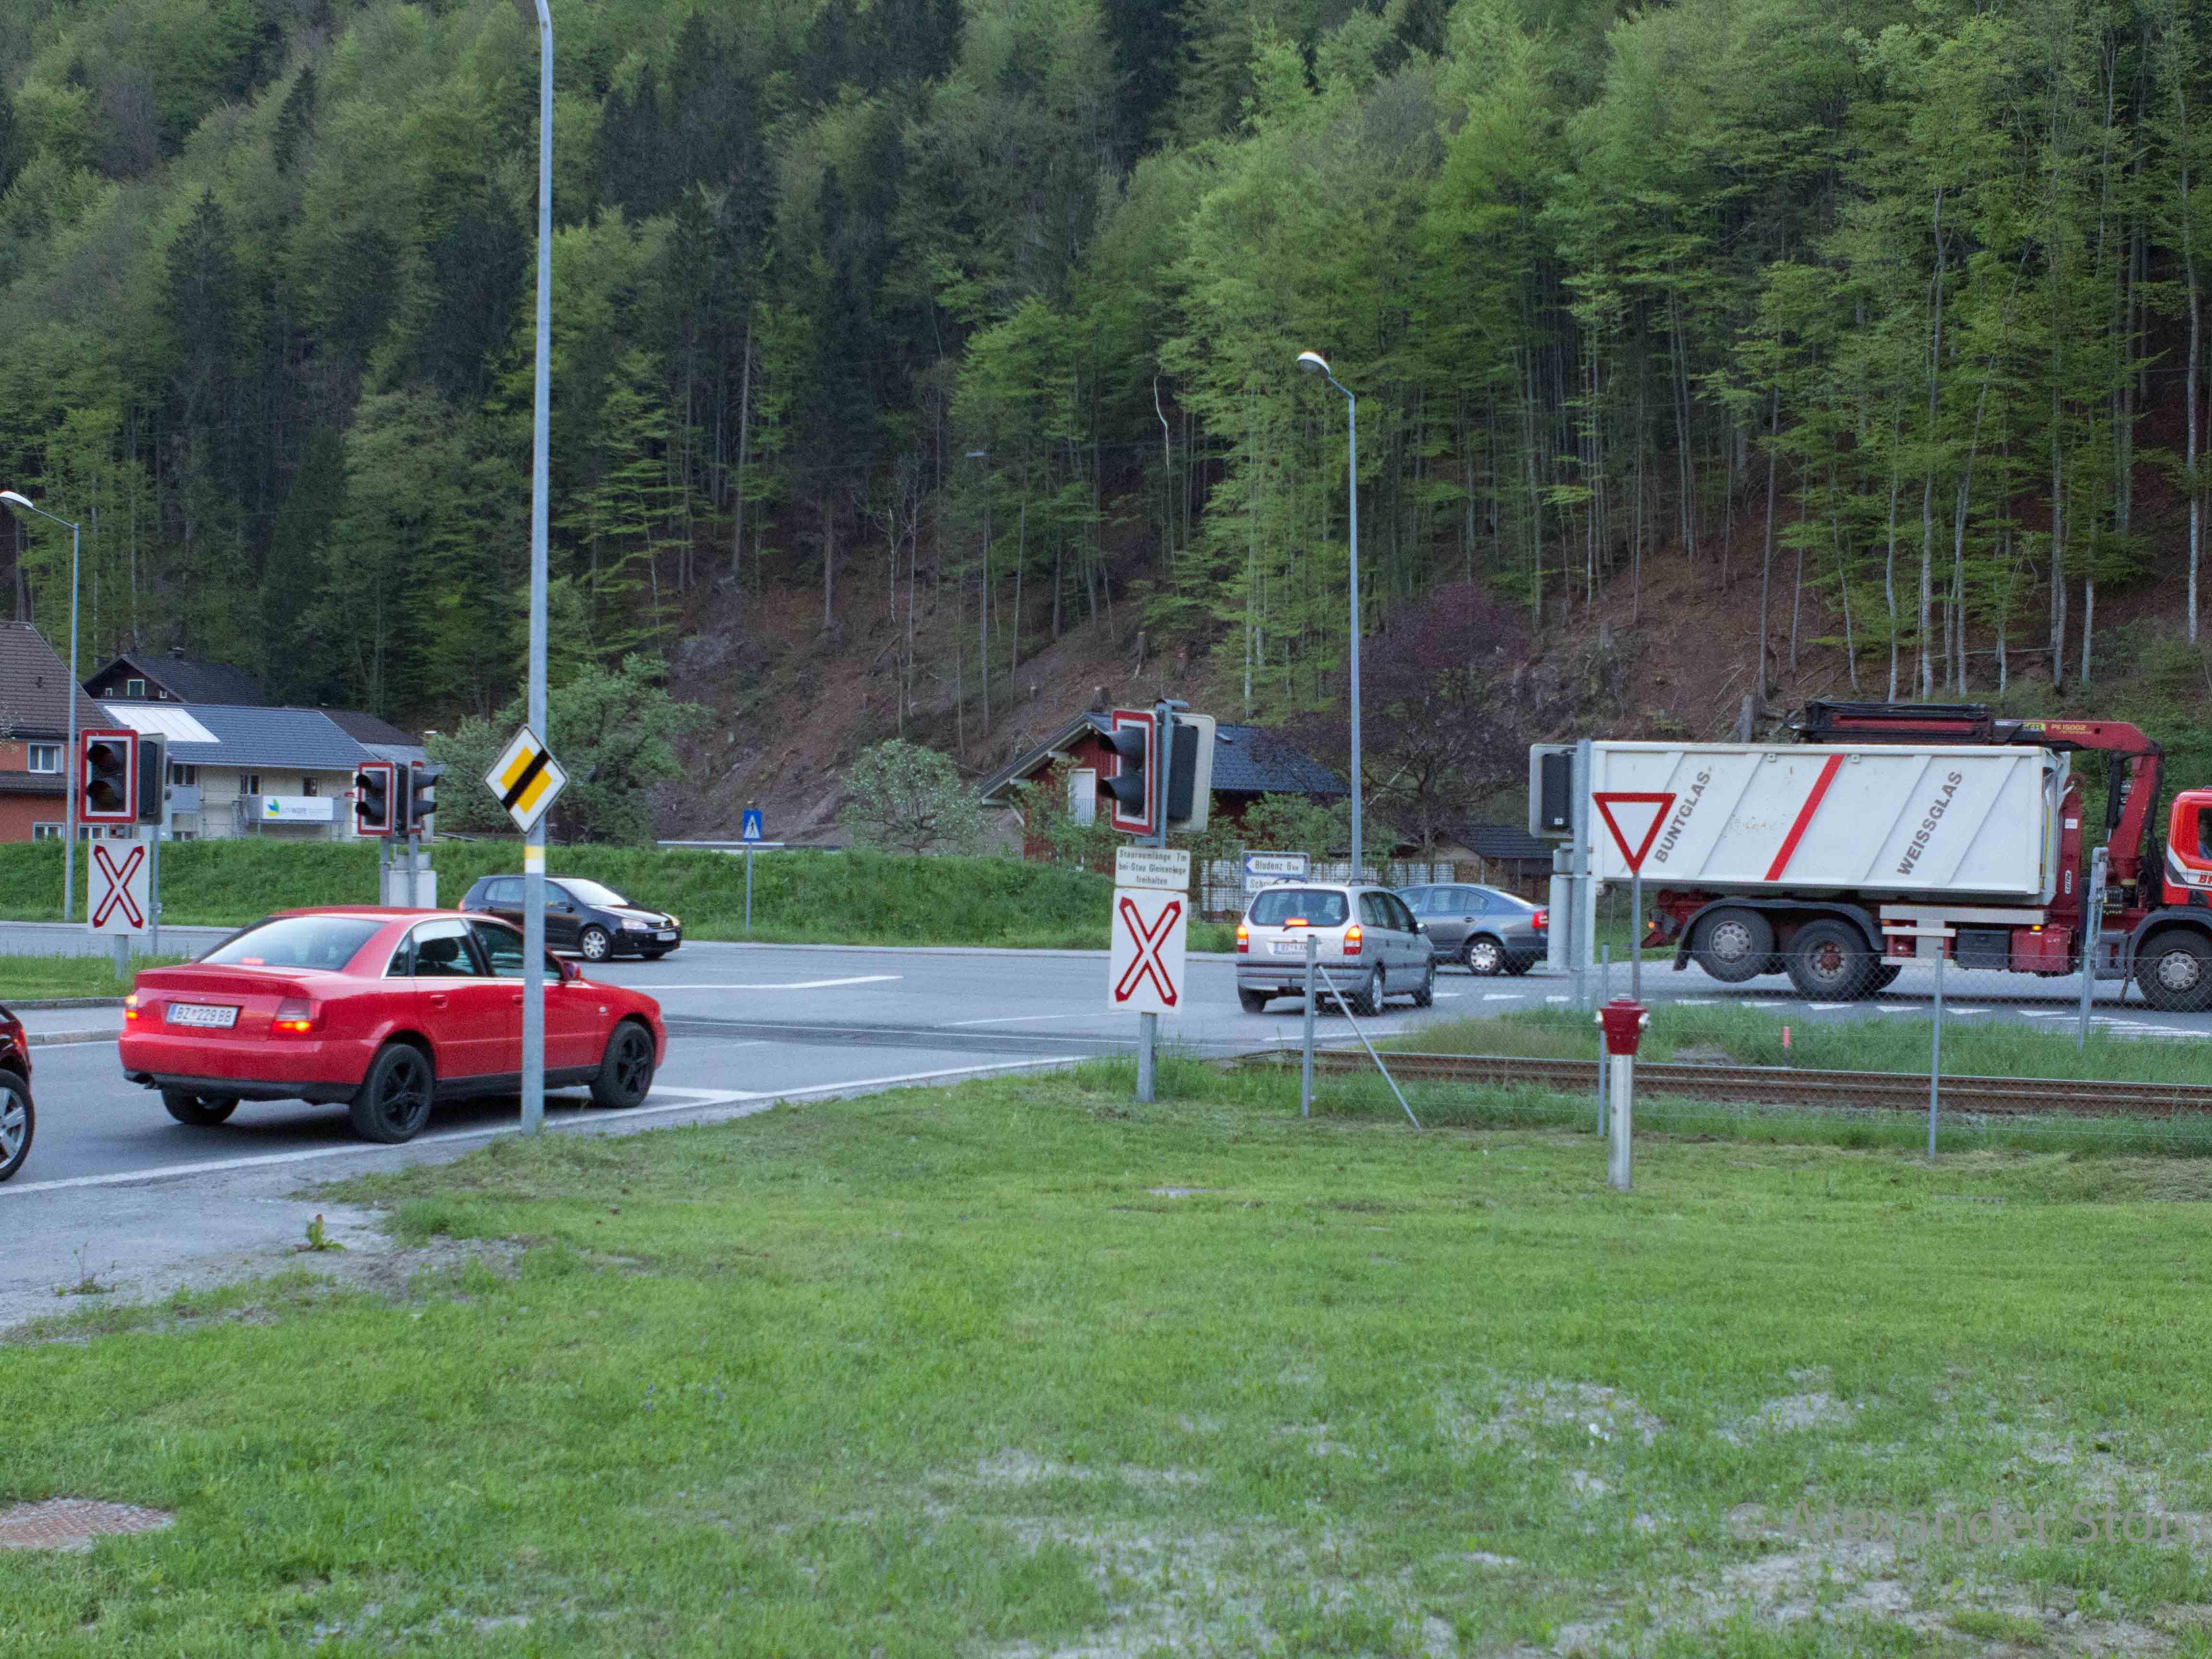 Die Kreuzung der Bahnhofstraße mit der L188 soll durch eine Ampel geregelt werden.